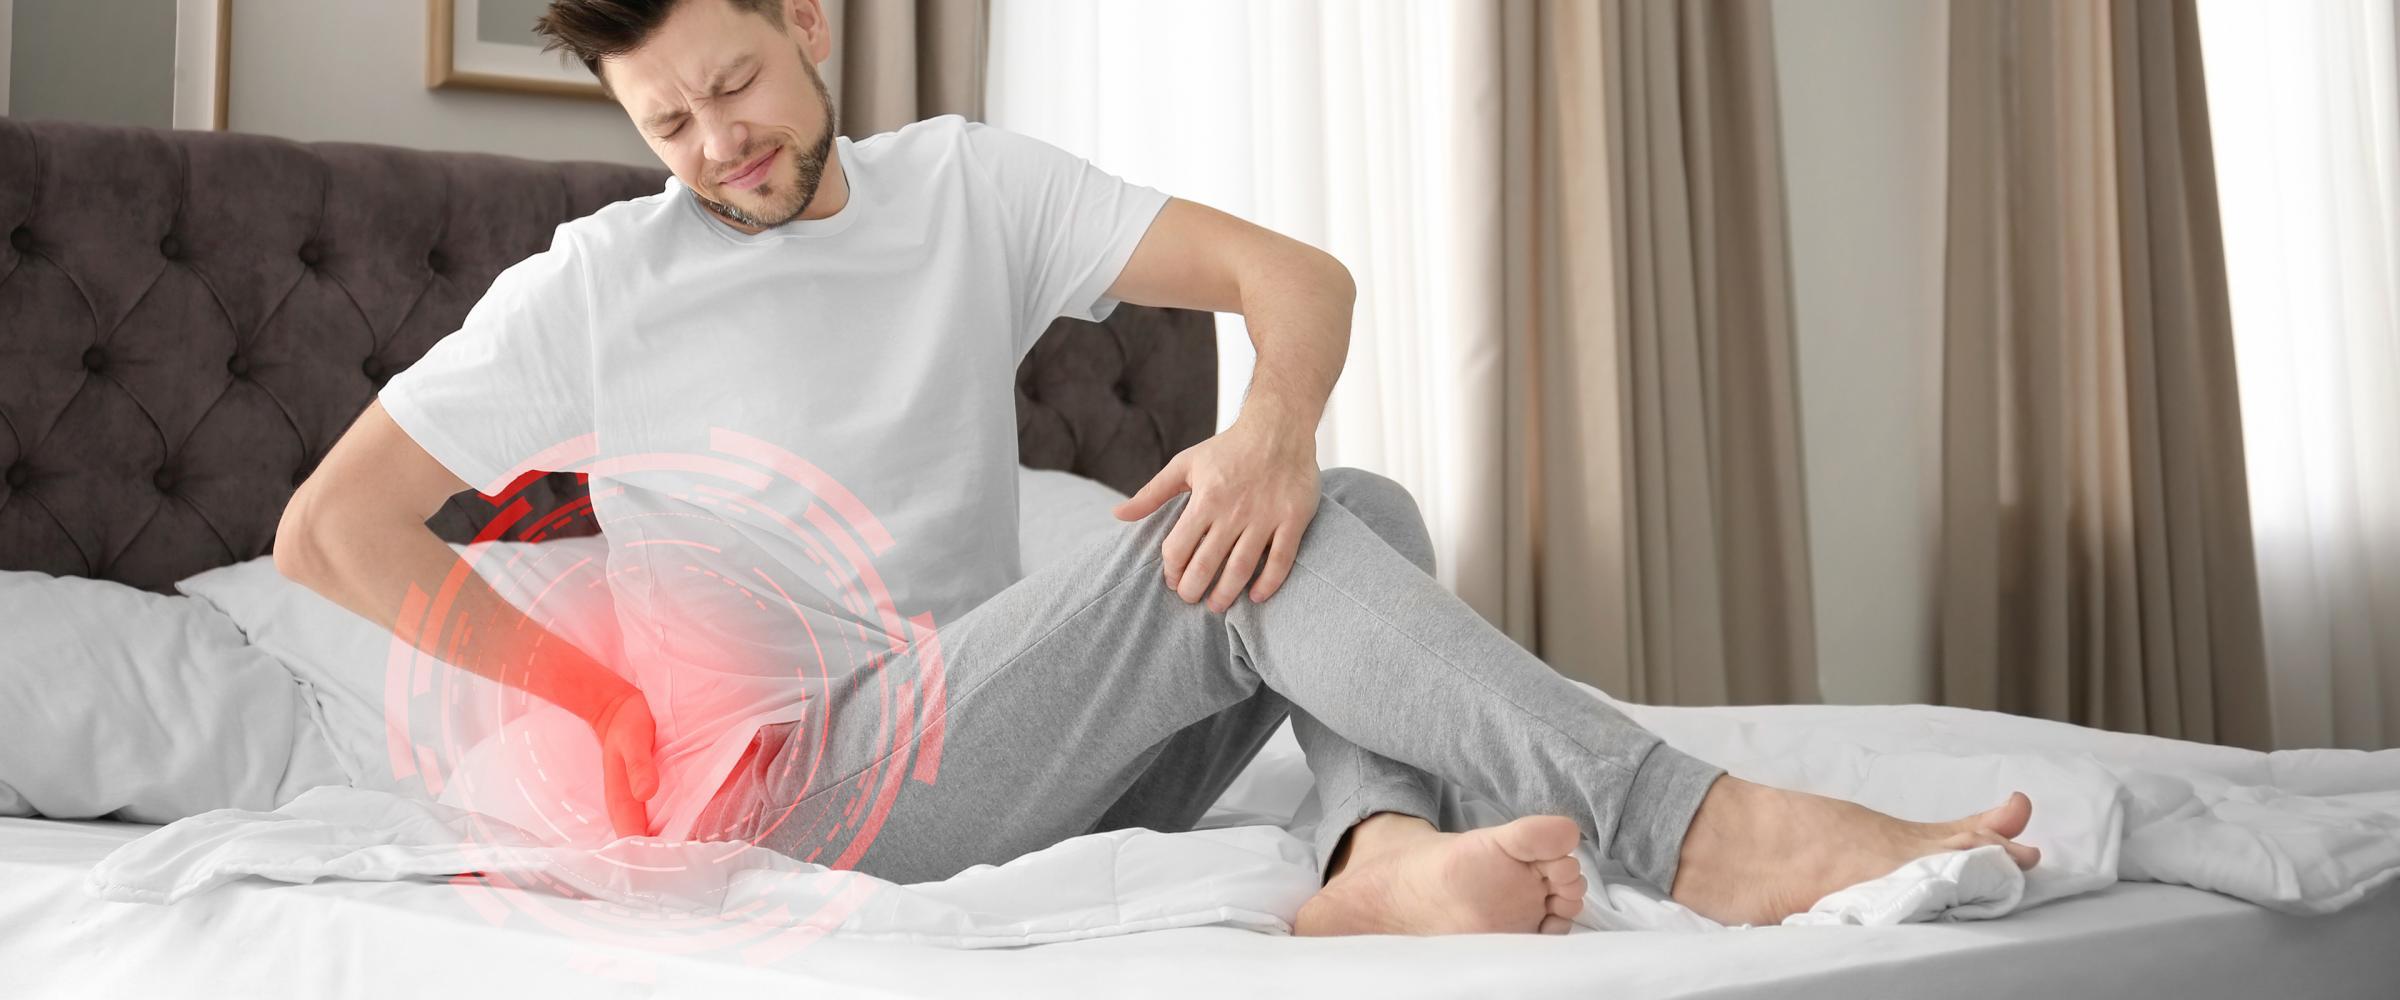 Сколиоз - как с ним бороться с помощью ортопедического матраса?